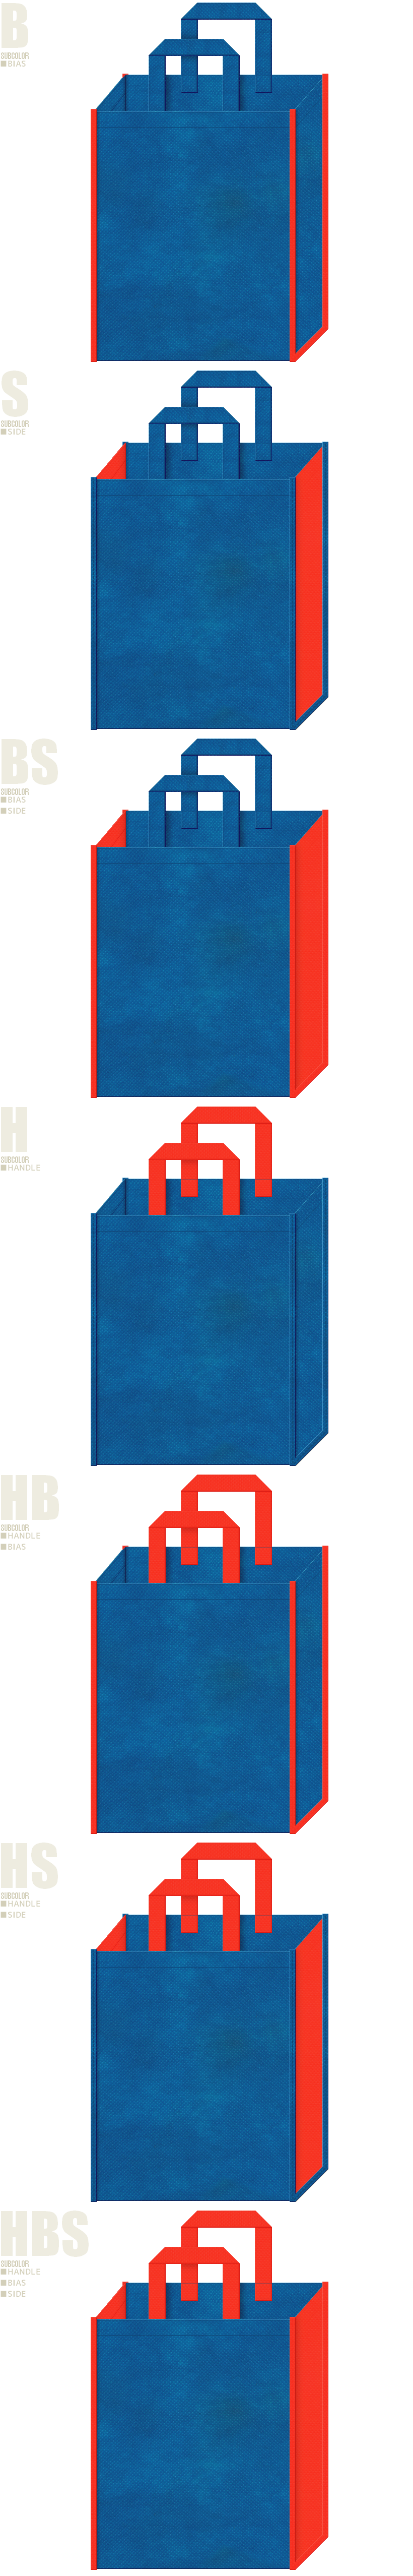 青色とオレンジ色-7パターンの不織布トートバッグ配色デザイン例